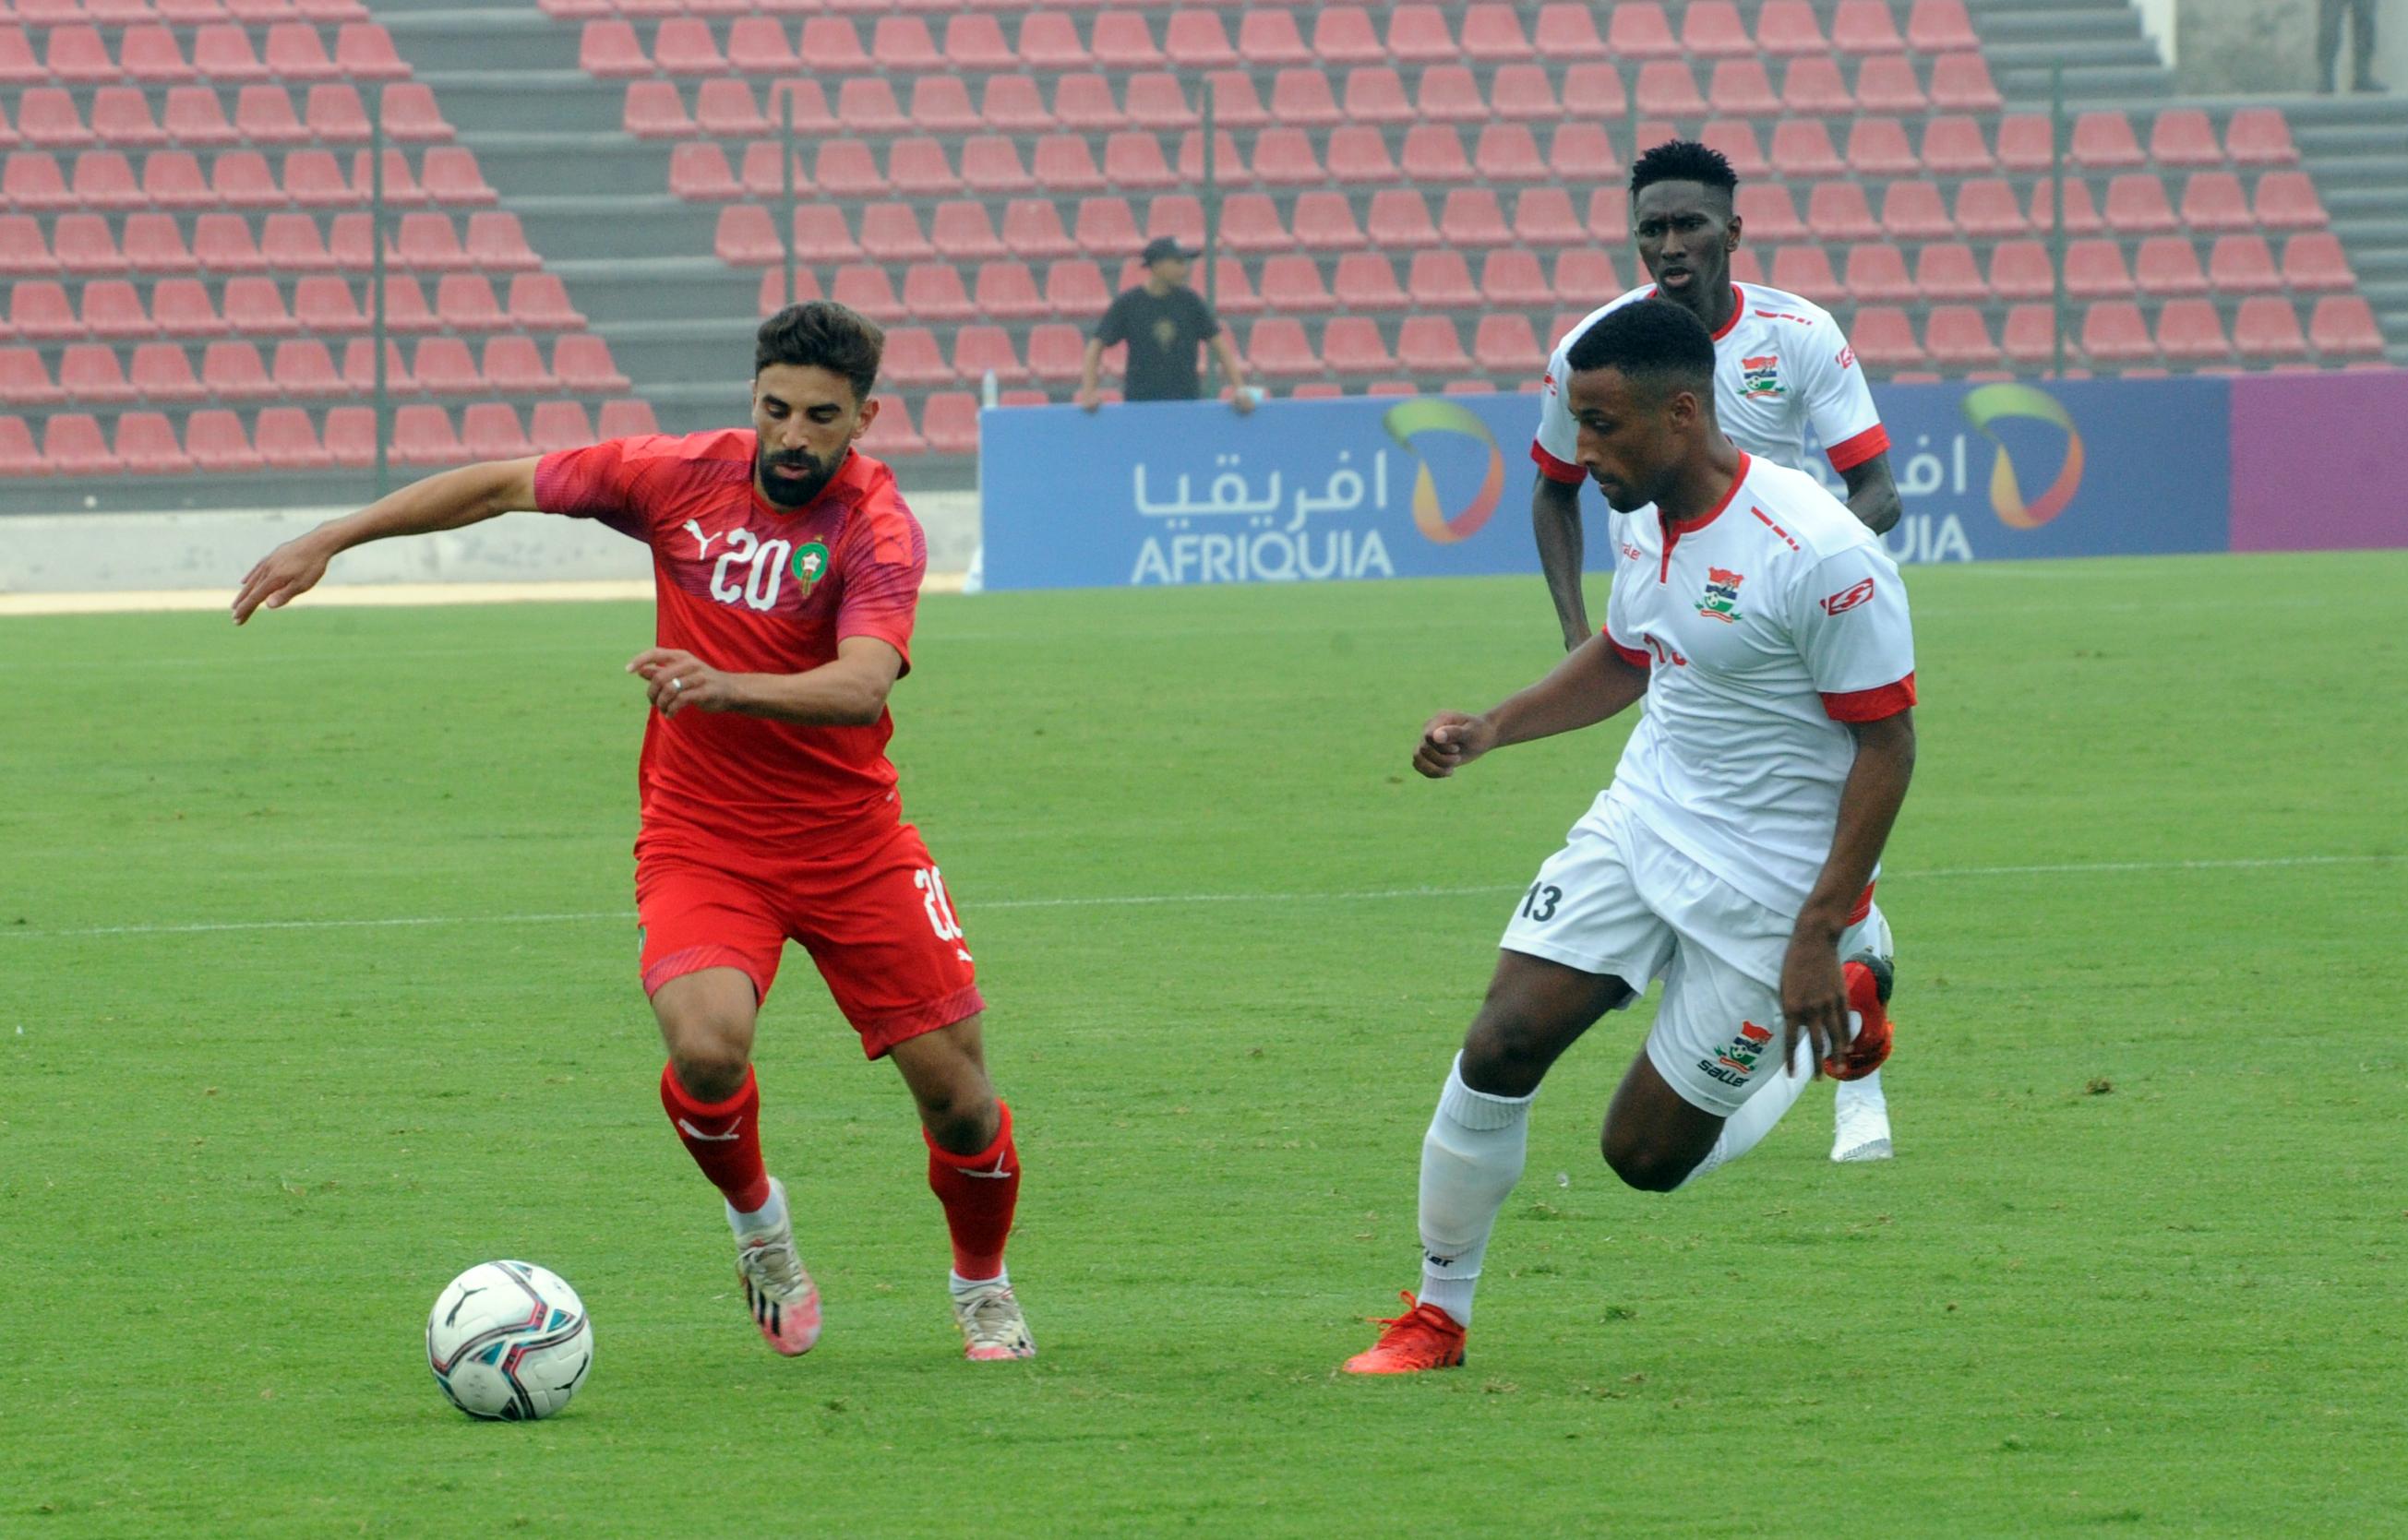 Match de préparation de l'équipe nationale A' : Le Maroc est hyper-offensif face à la Gambie (7-2)